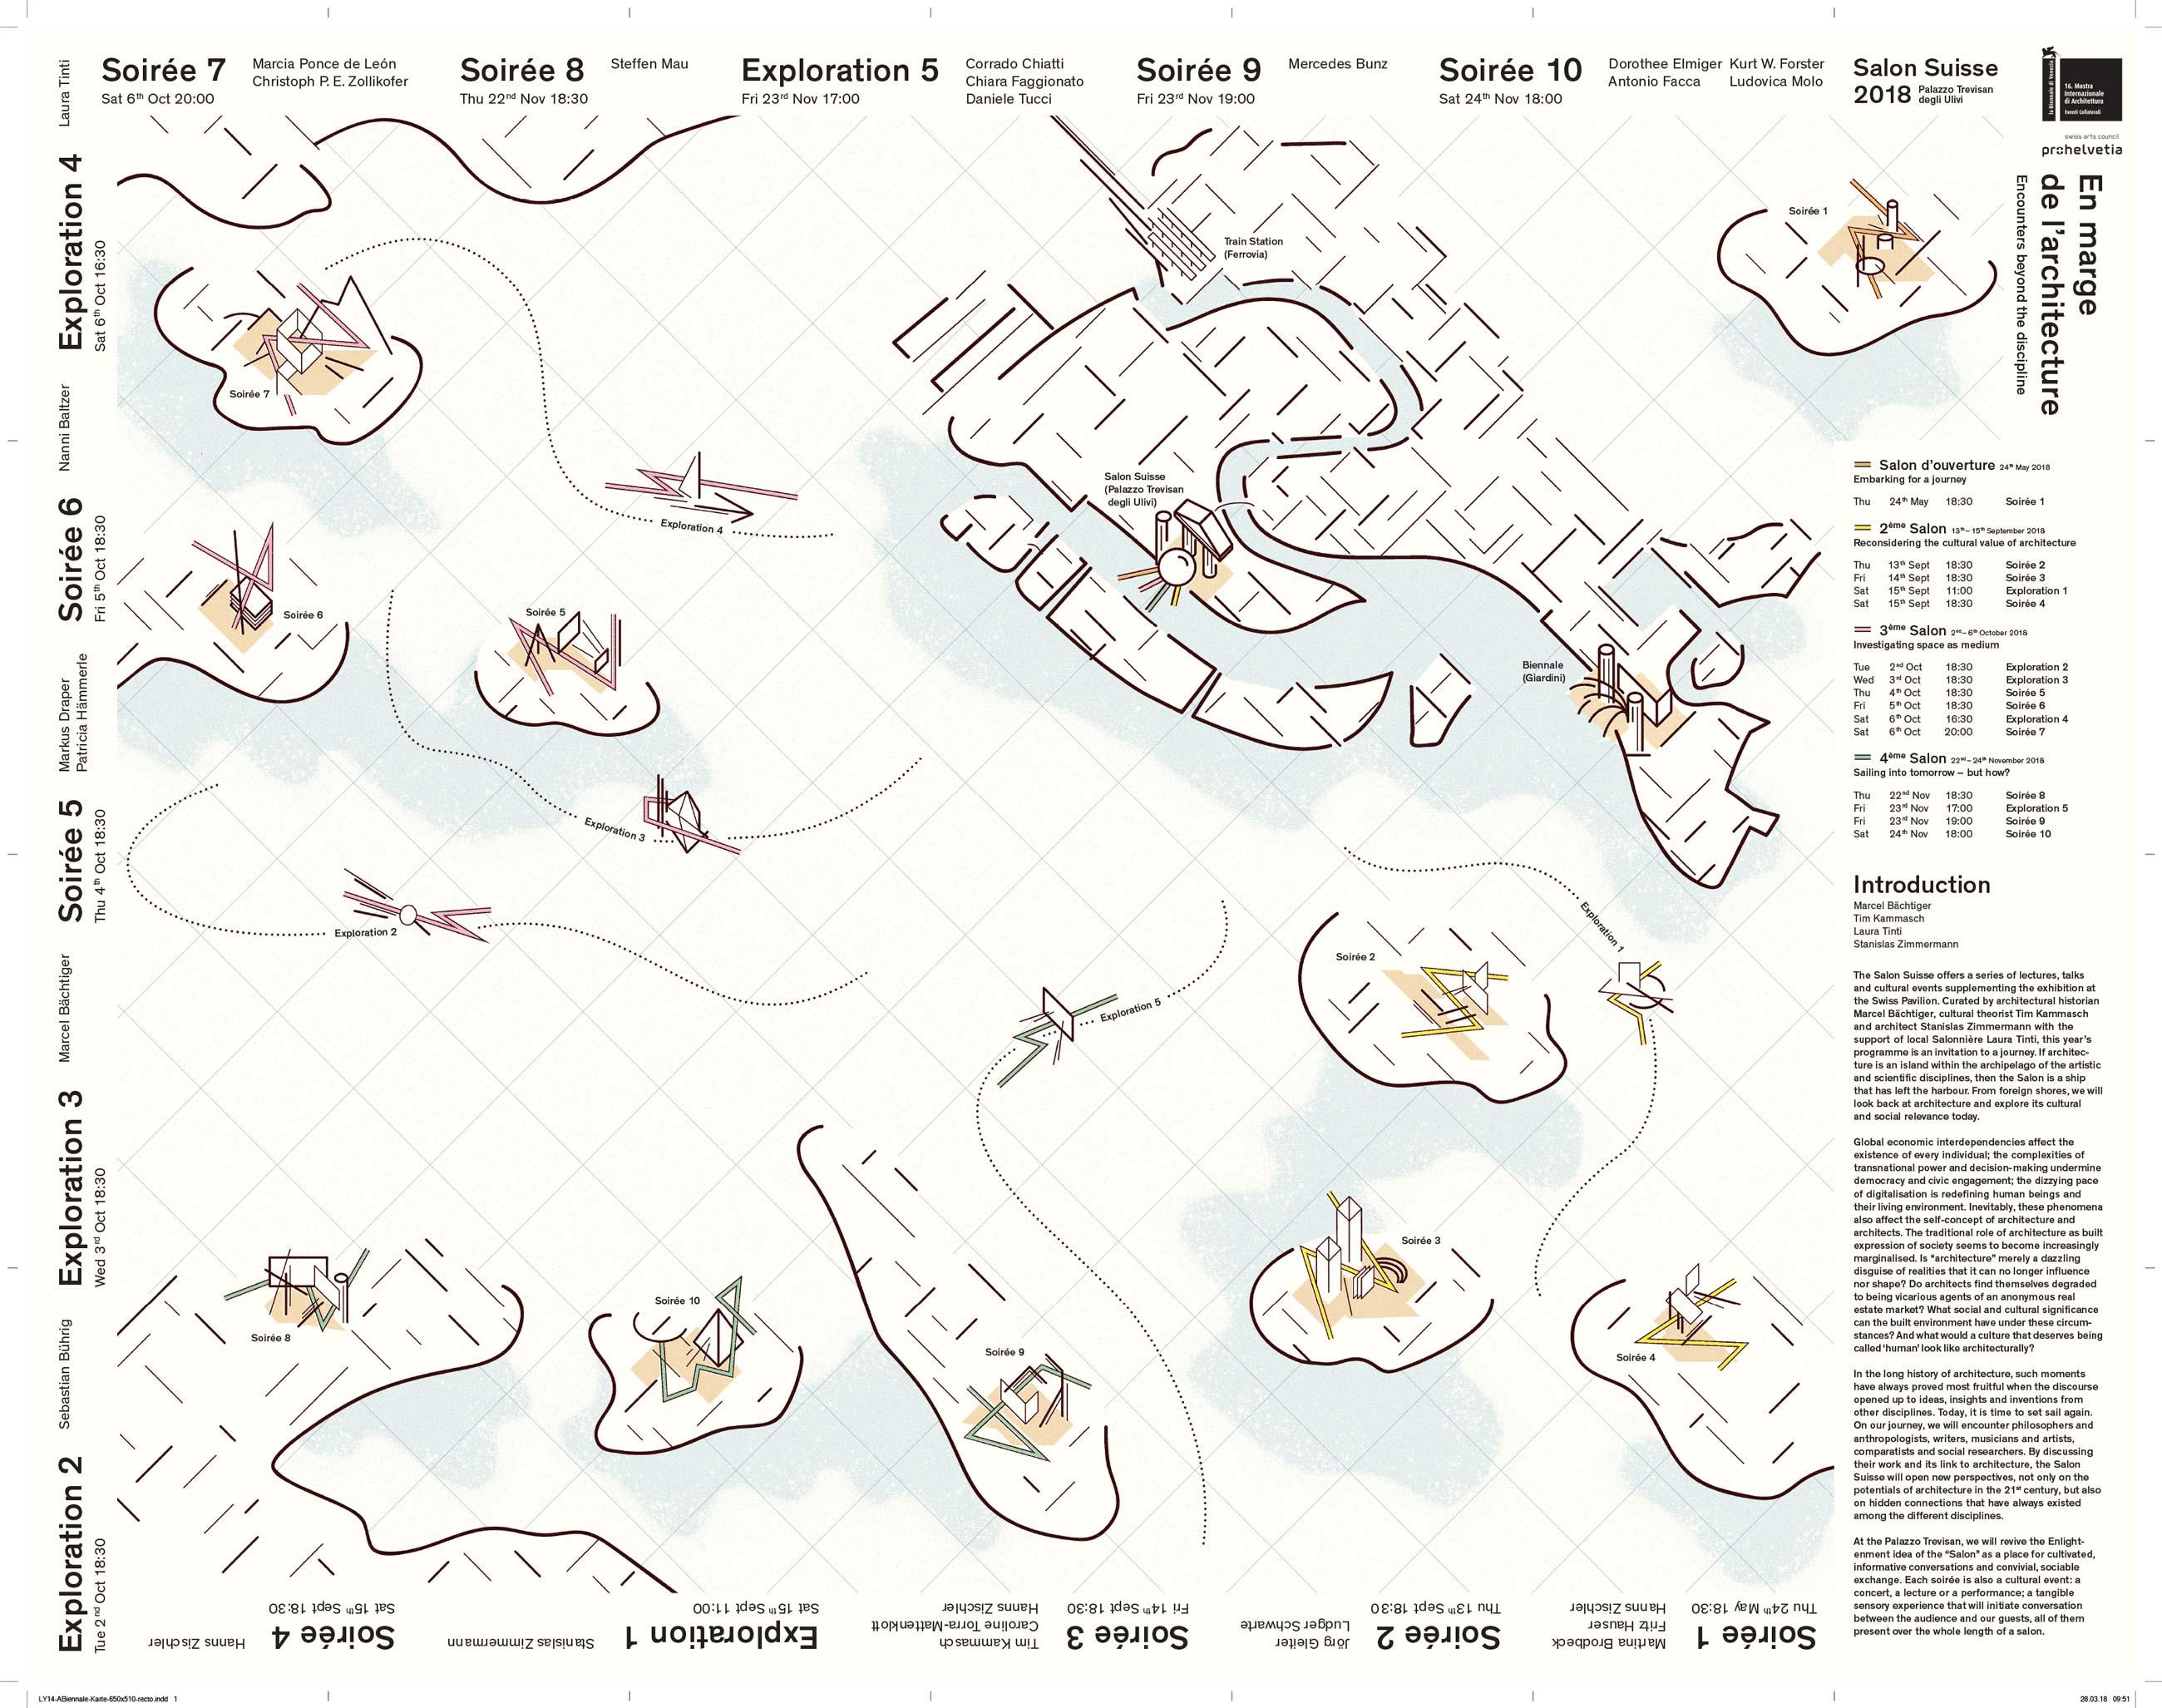 Pro Helvetia 16th International Architecture Exhibition – La Biennale di Venezia «En marge de l'architecture – Encounters beyond the discipline» recto ©Atelier Pol